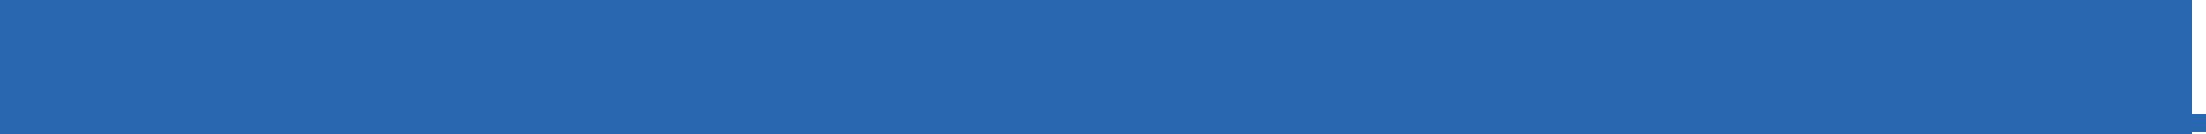 TWM-Logotype-Blue.png